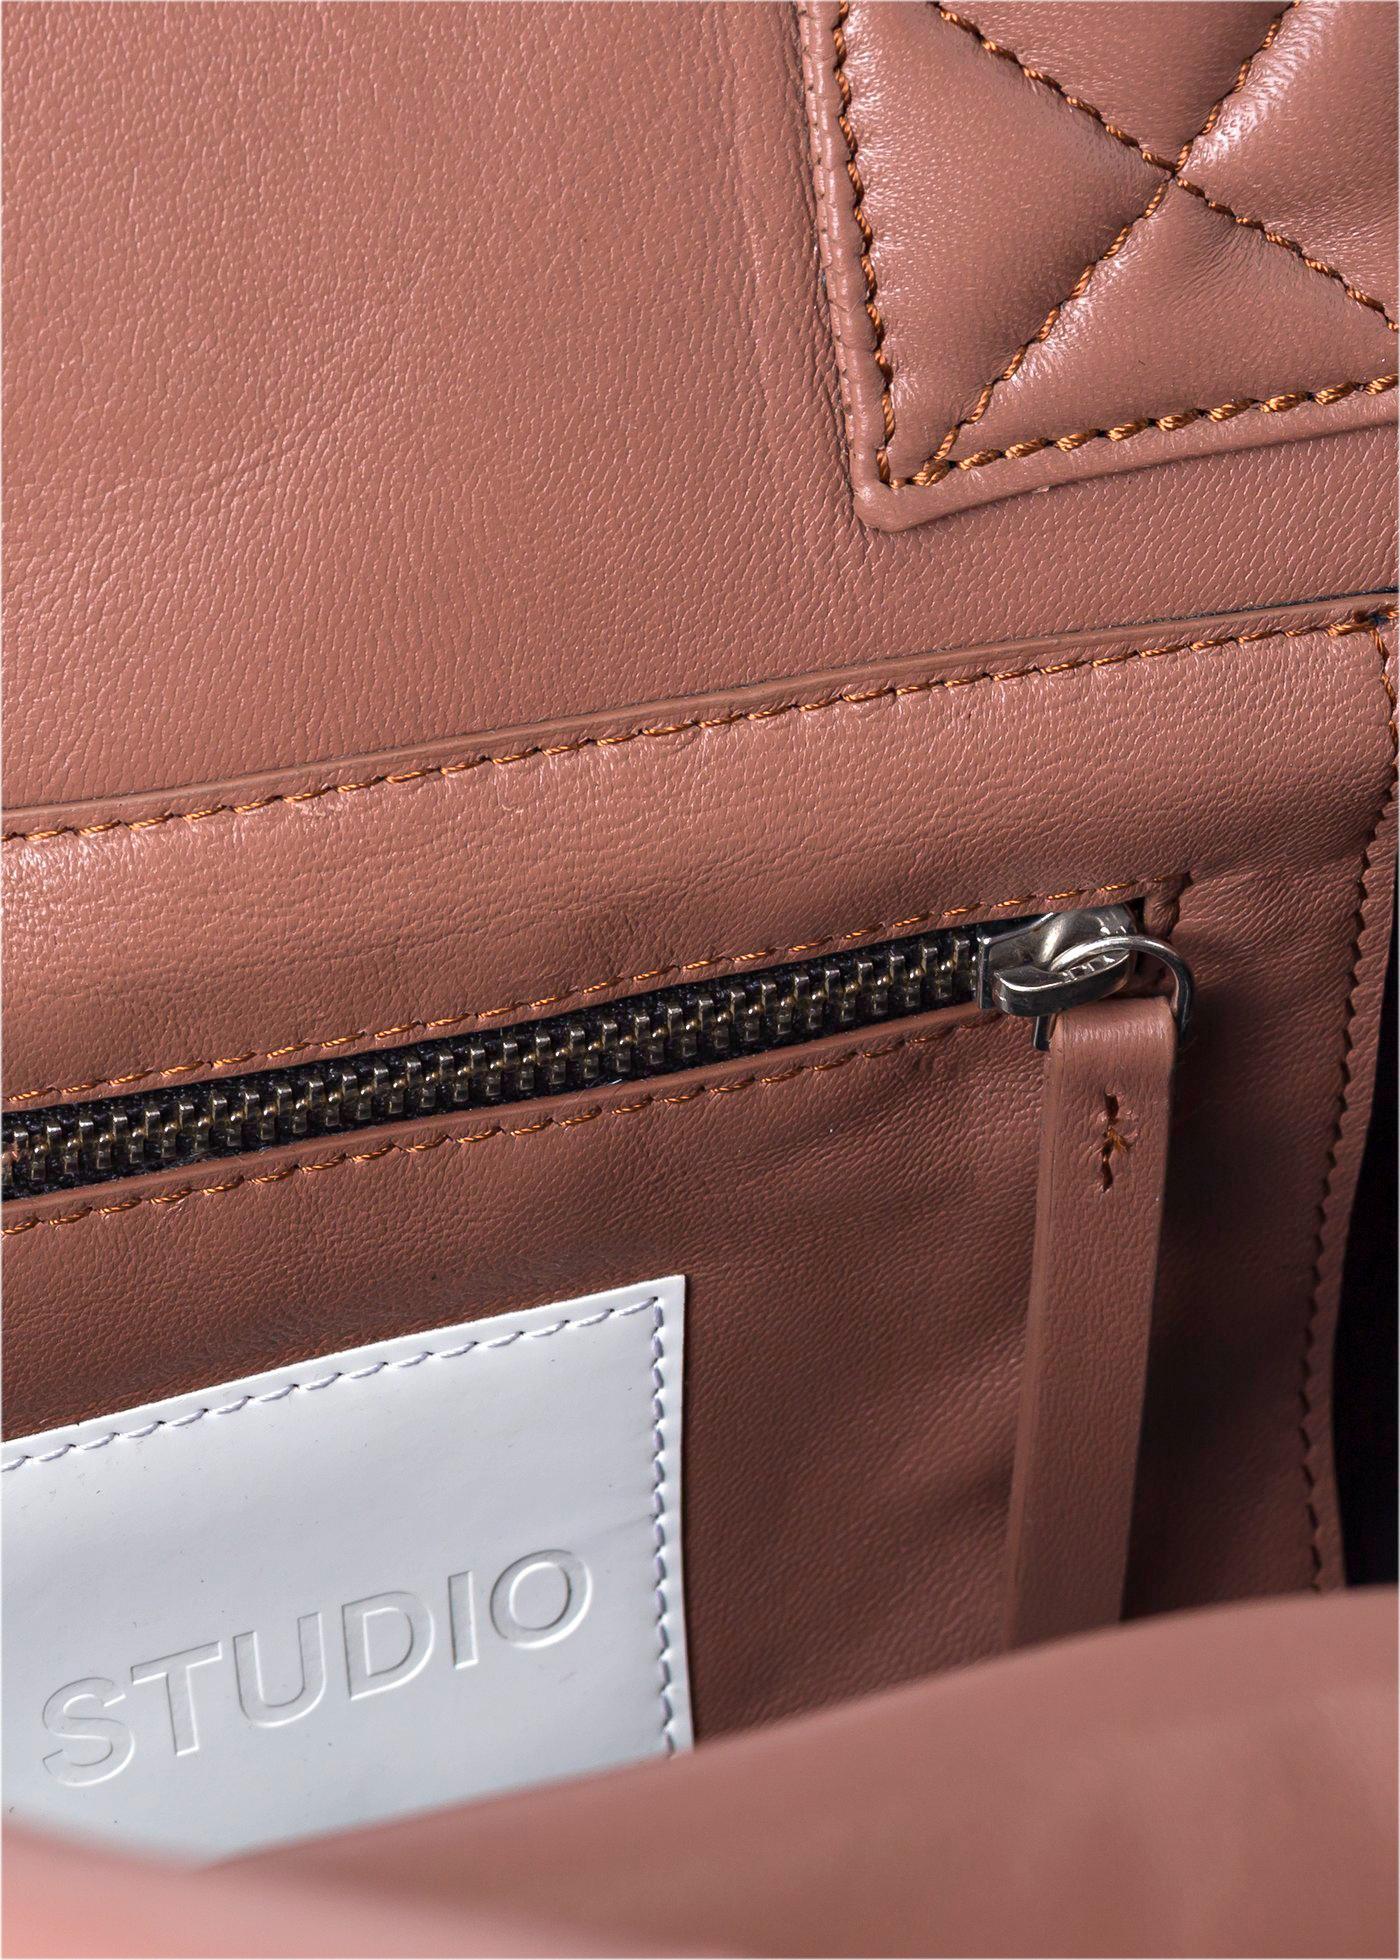 Dafne Leather Bag image number 3